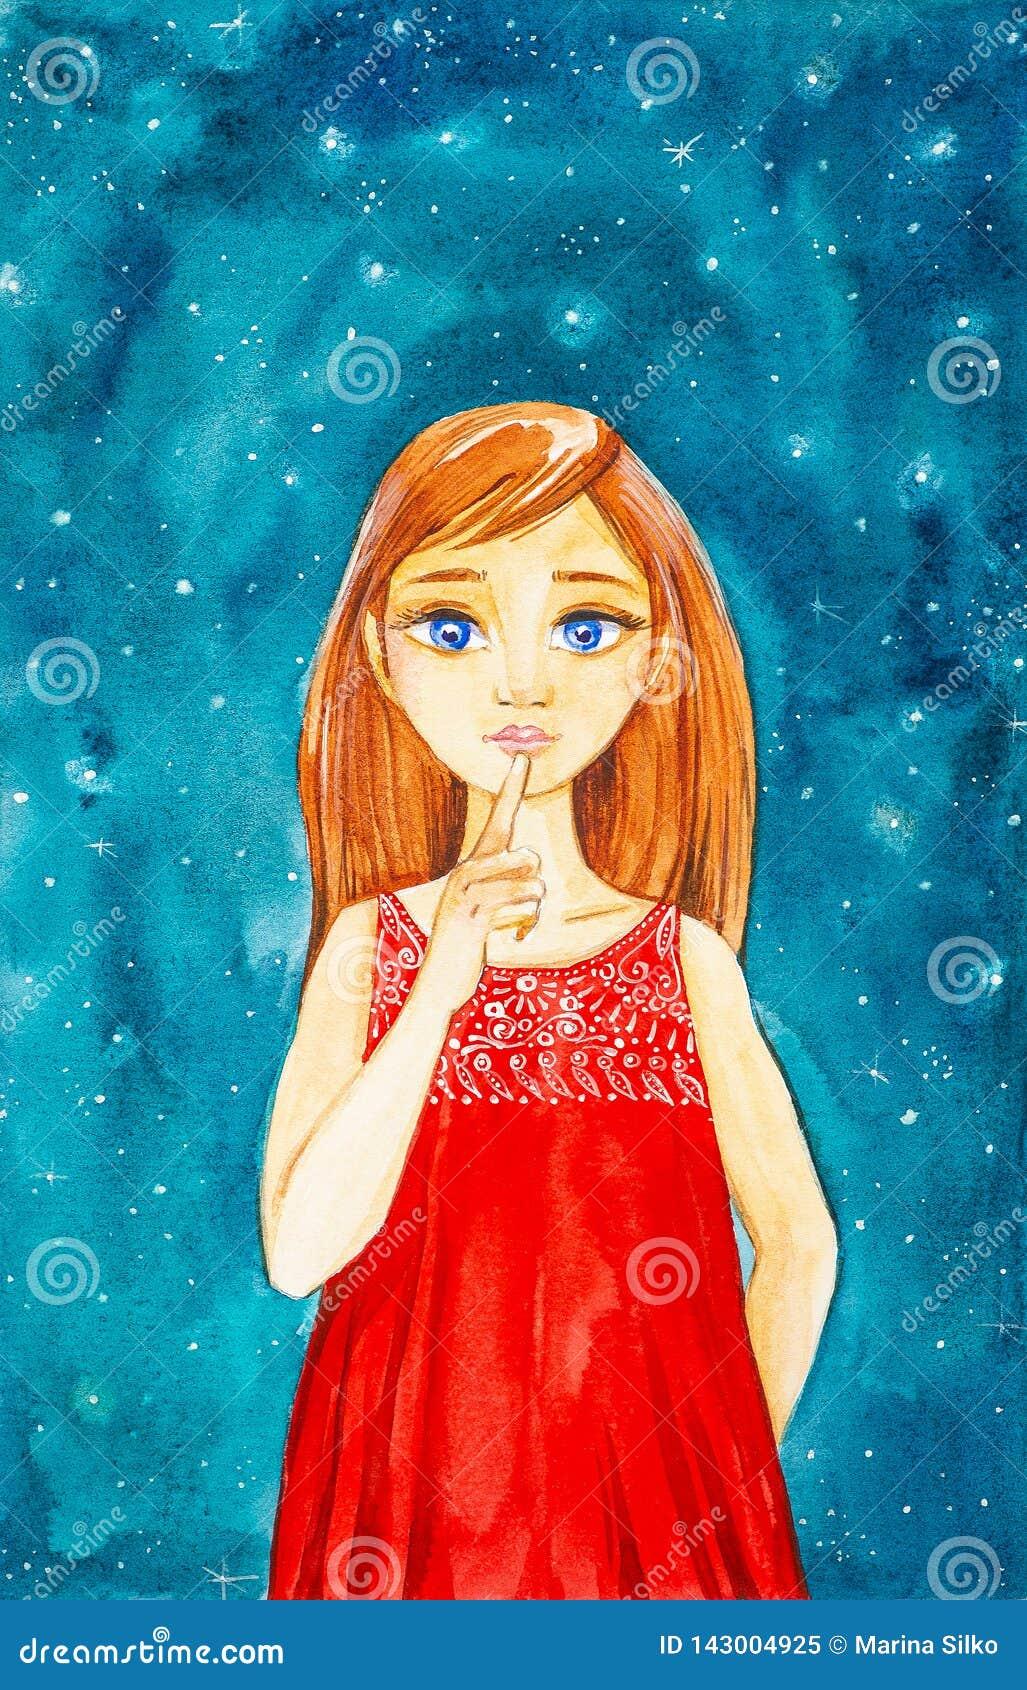 Красивая маленькая девочка с длинными каштановыми волосами и голубыми глазами в красном платье против hush шоу ночного неба изобр